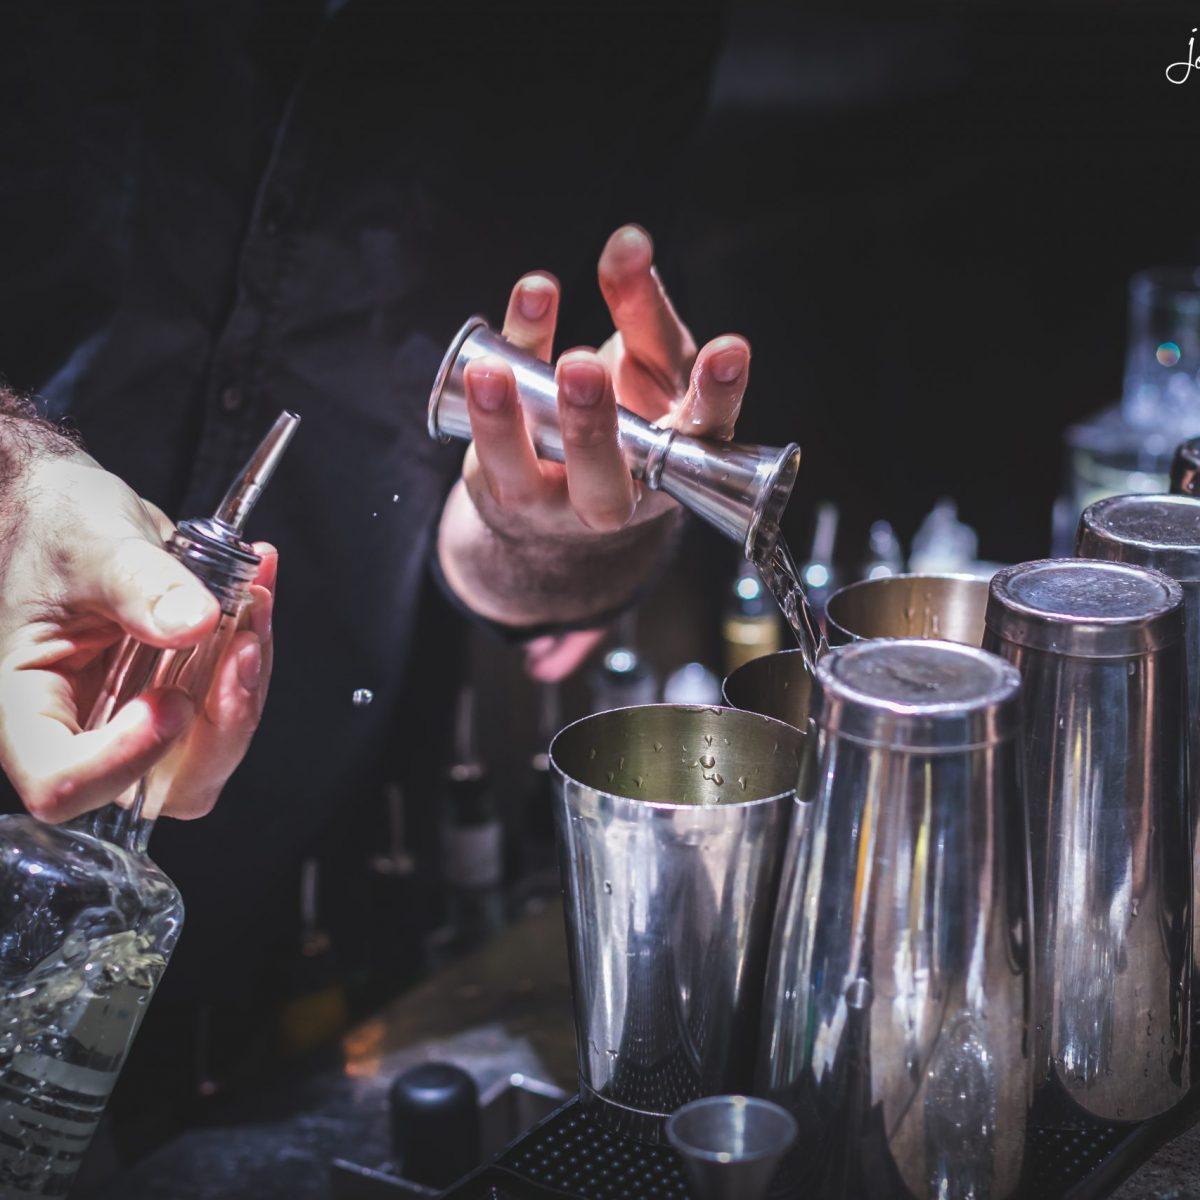 ברמן מוזג משקה בבר בסורה מרה - barman is pouring a drink at bar at Suramara